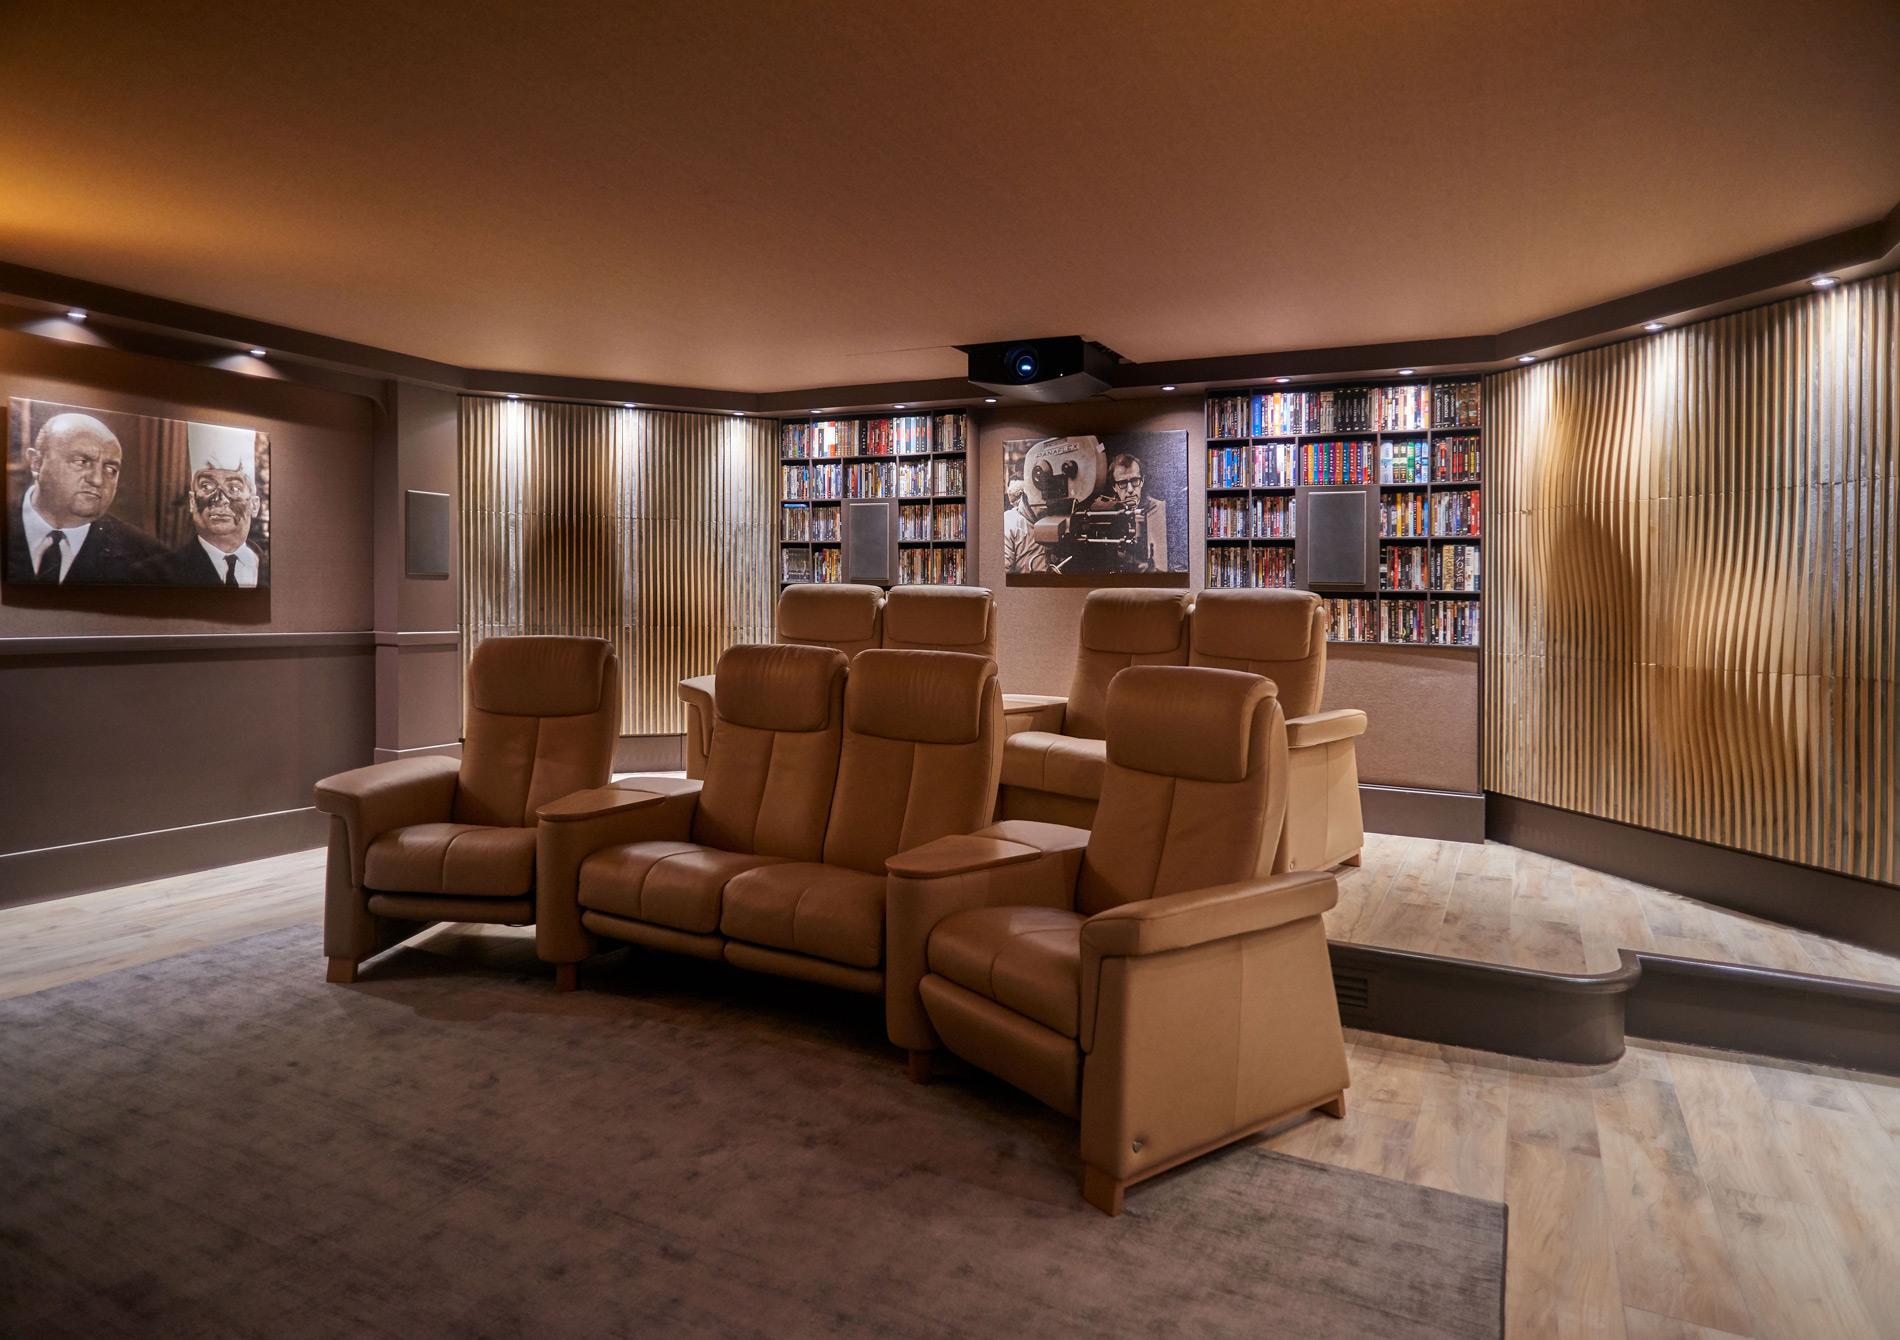 Une Salle De Cinema Au Style Classique Chic Questions D